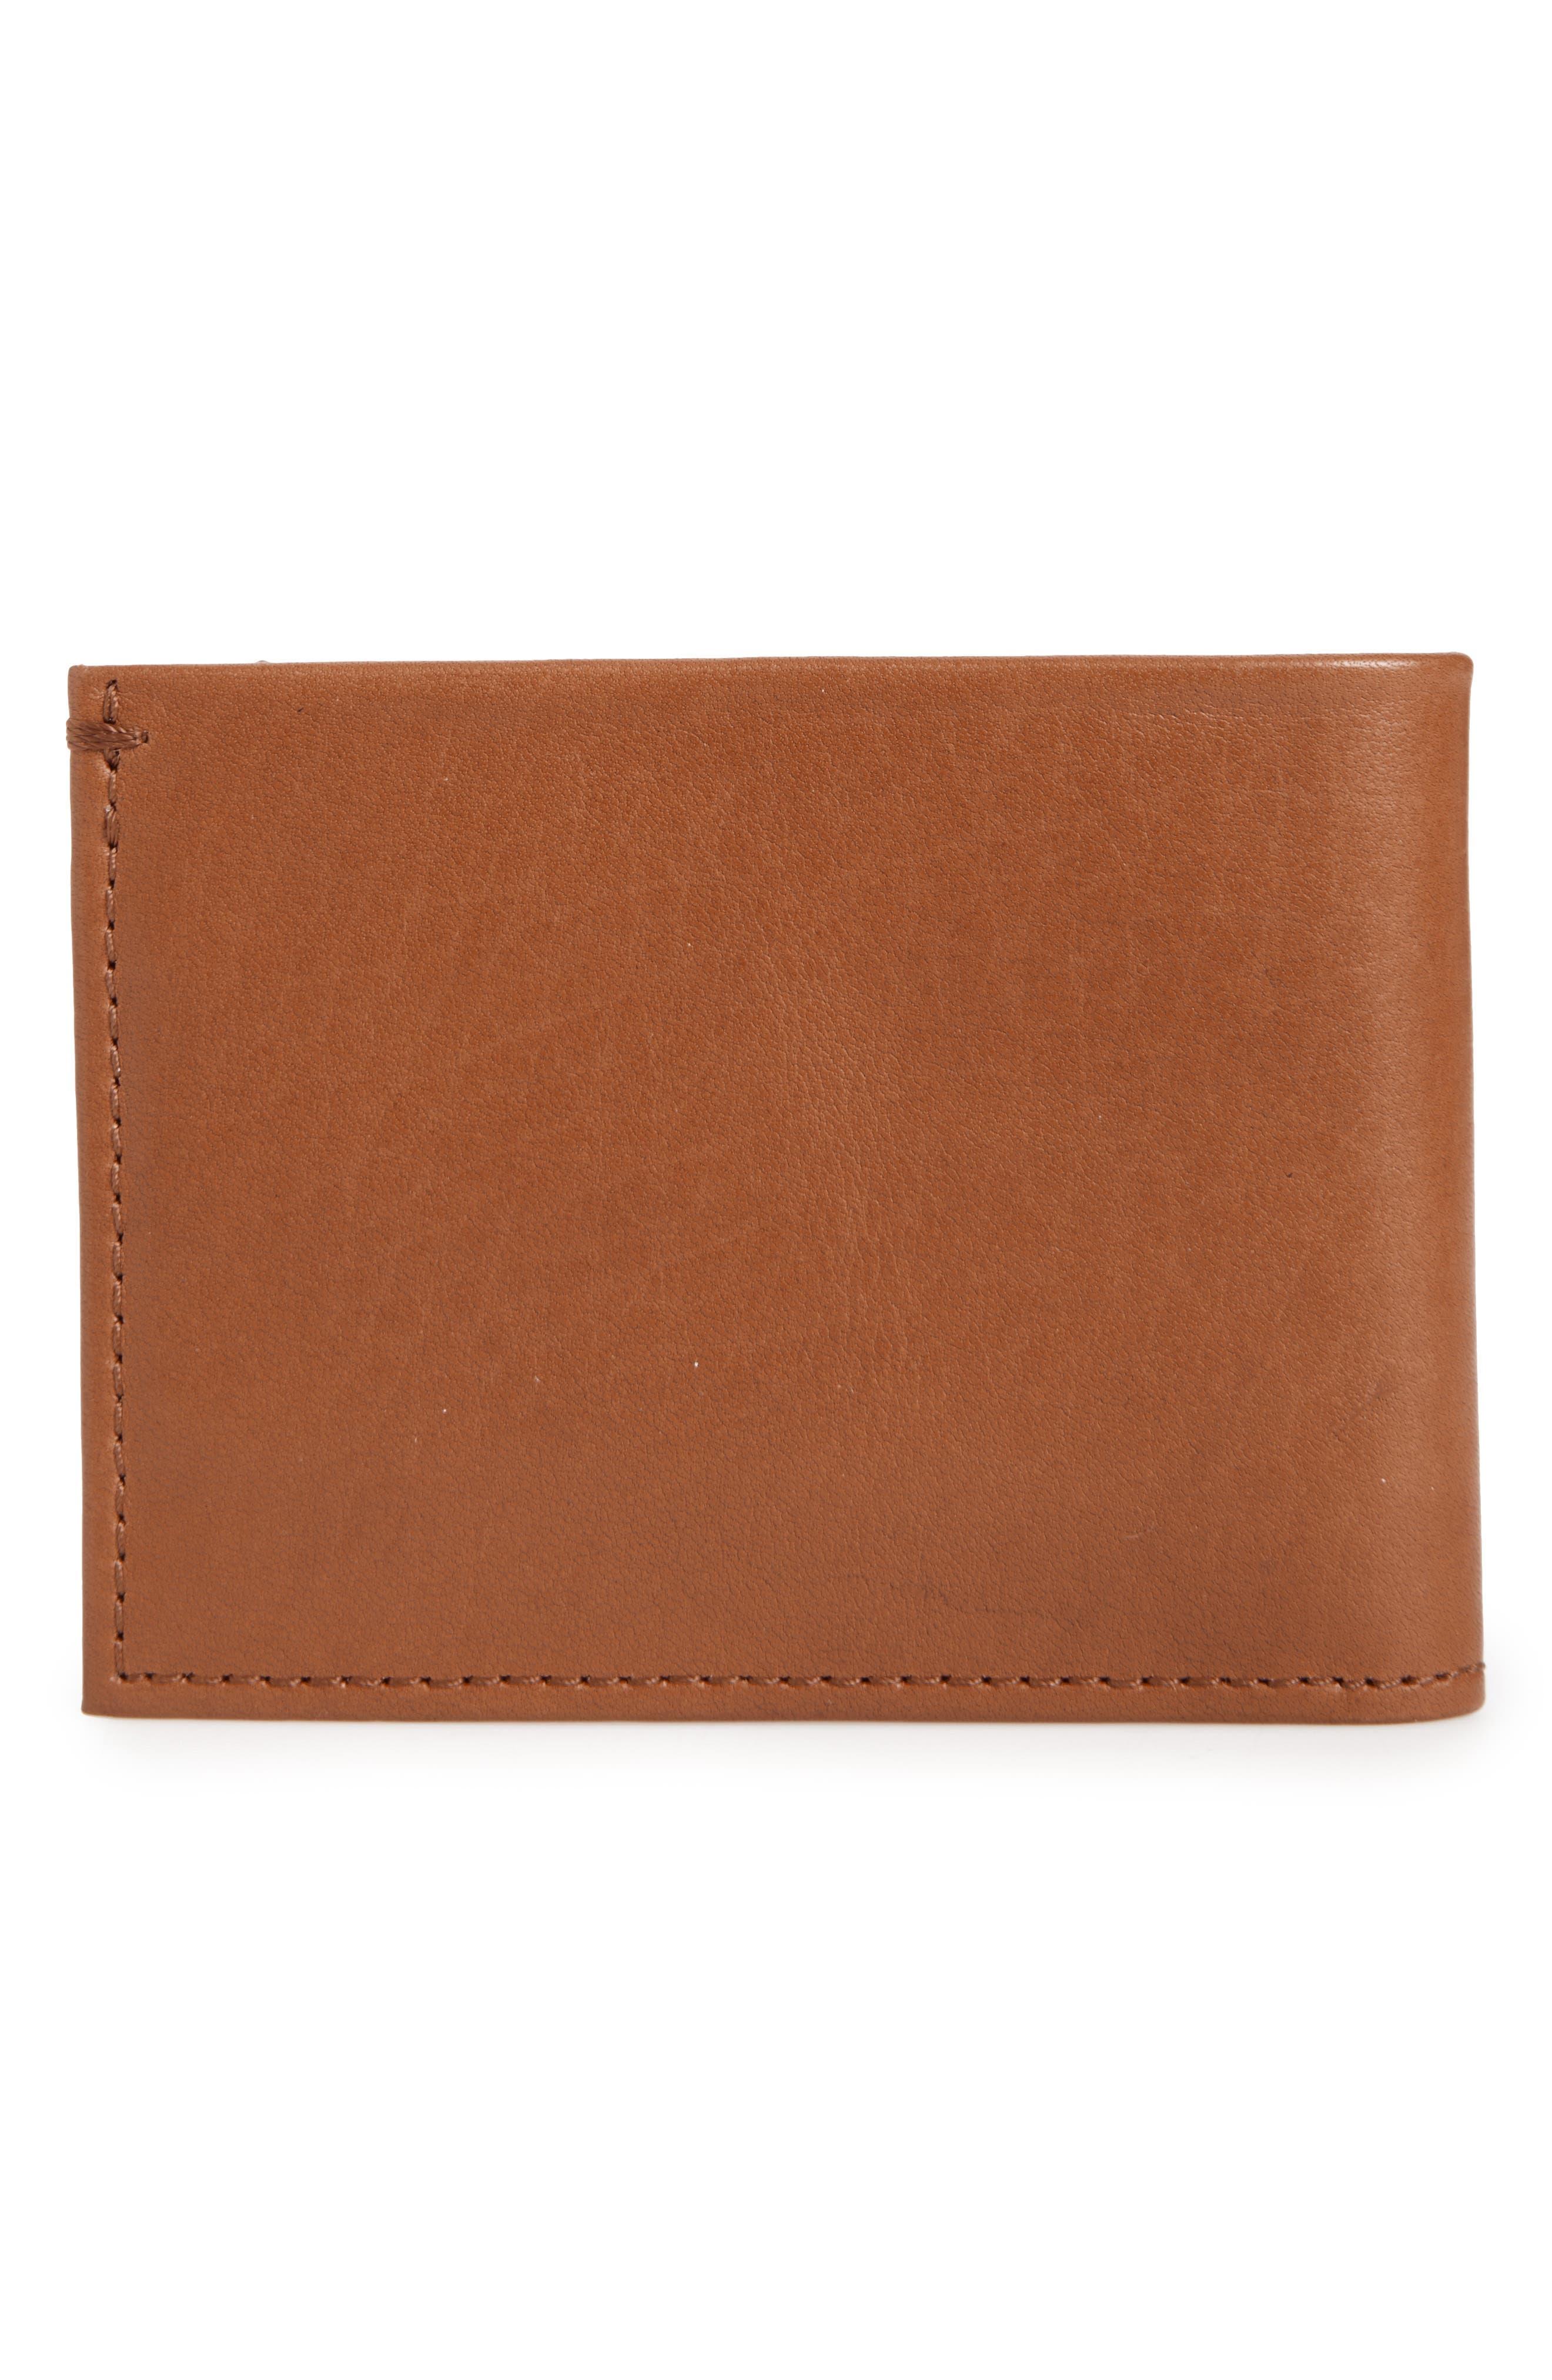 Slim Bifold Leather Wallet,                             Main thumbnail 1, color,                             BOURBON